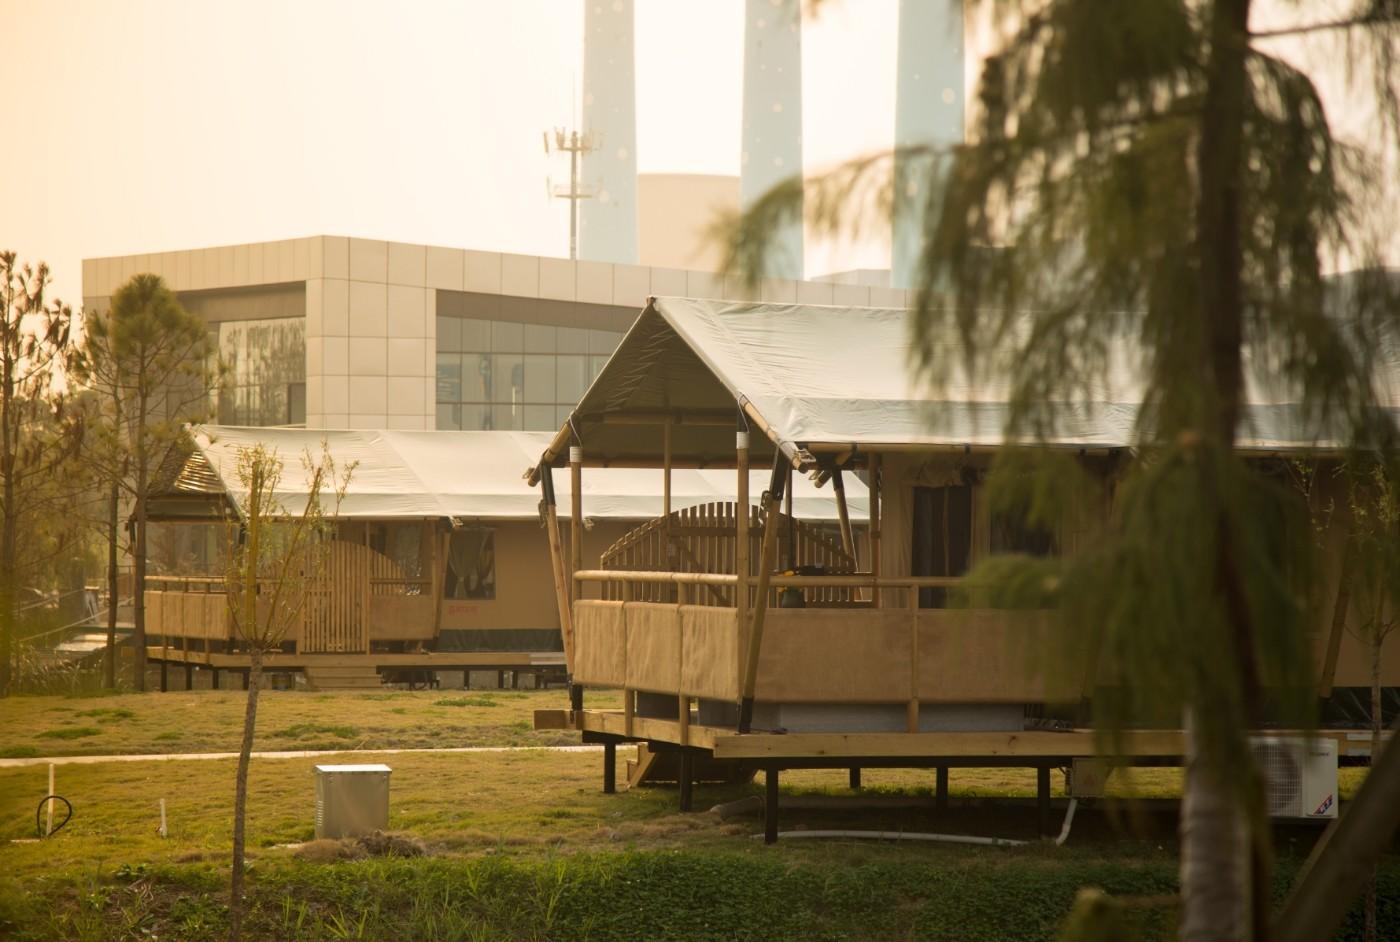 喜马拉雅野奢帐篷酒店—浙江留香之家露营地(54平)4